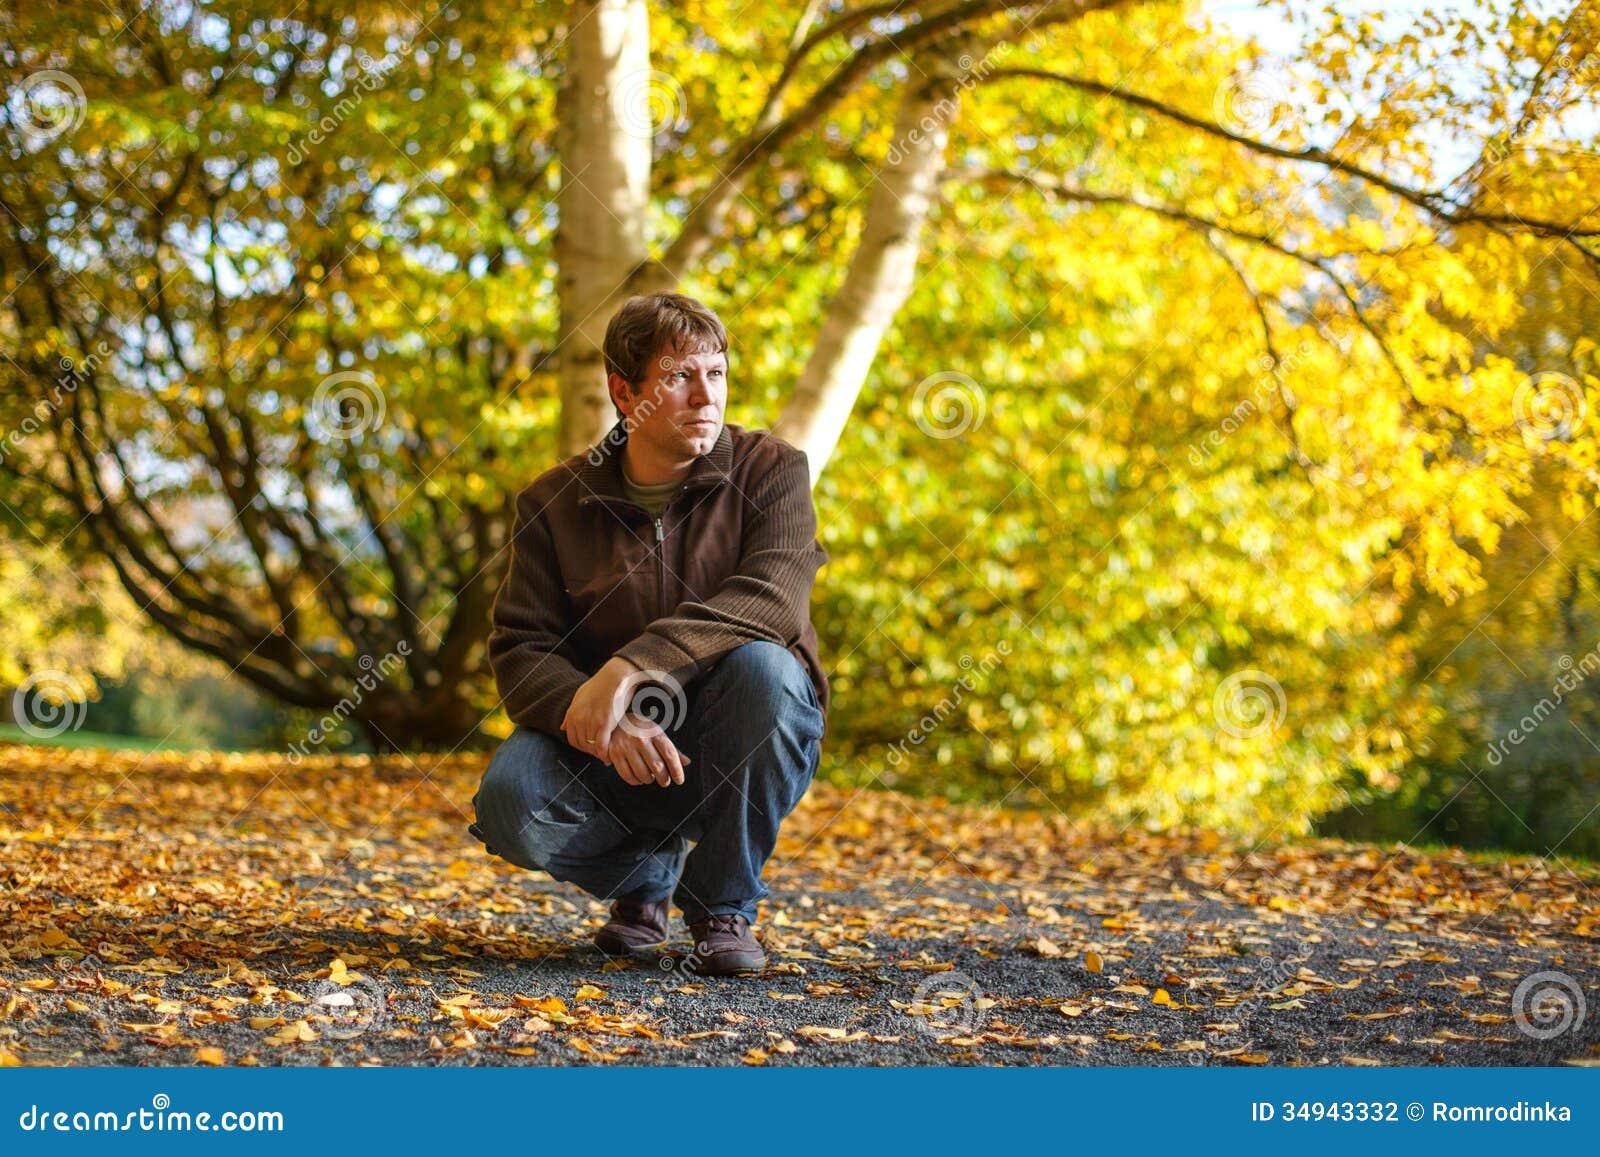 retrato-do-homem-bonito-na-floresta-do-o